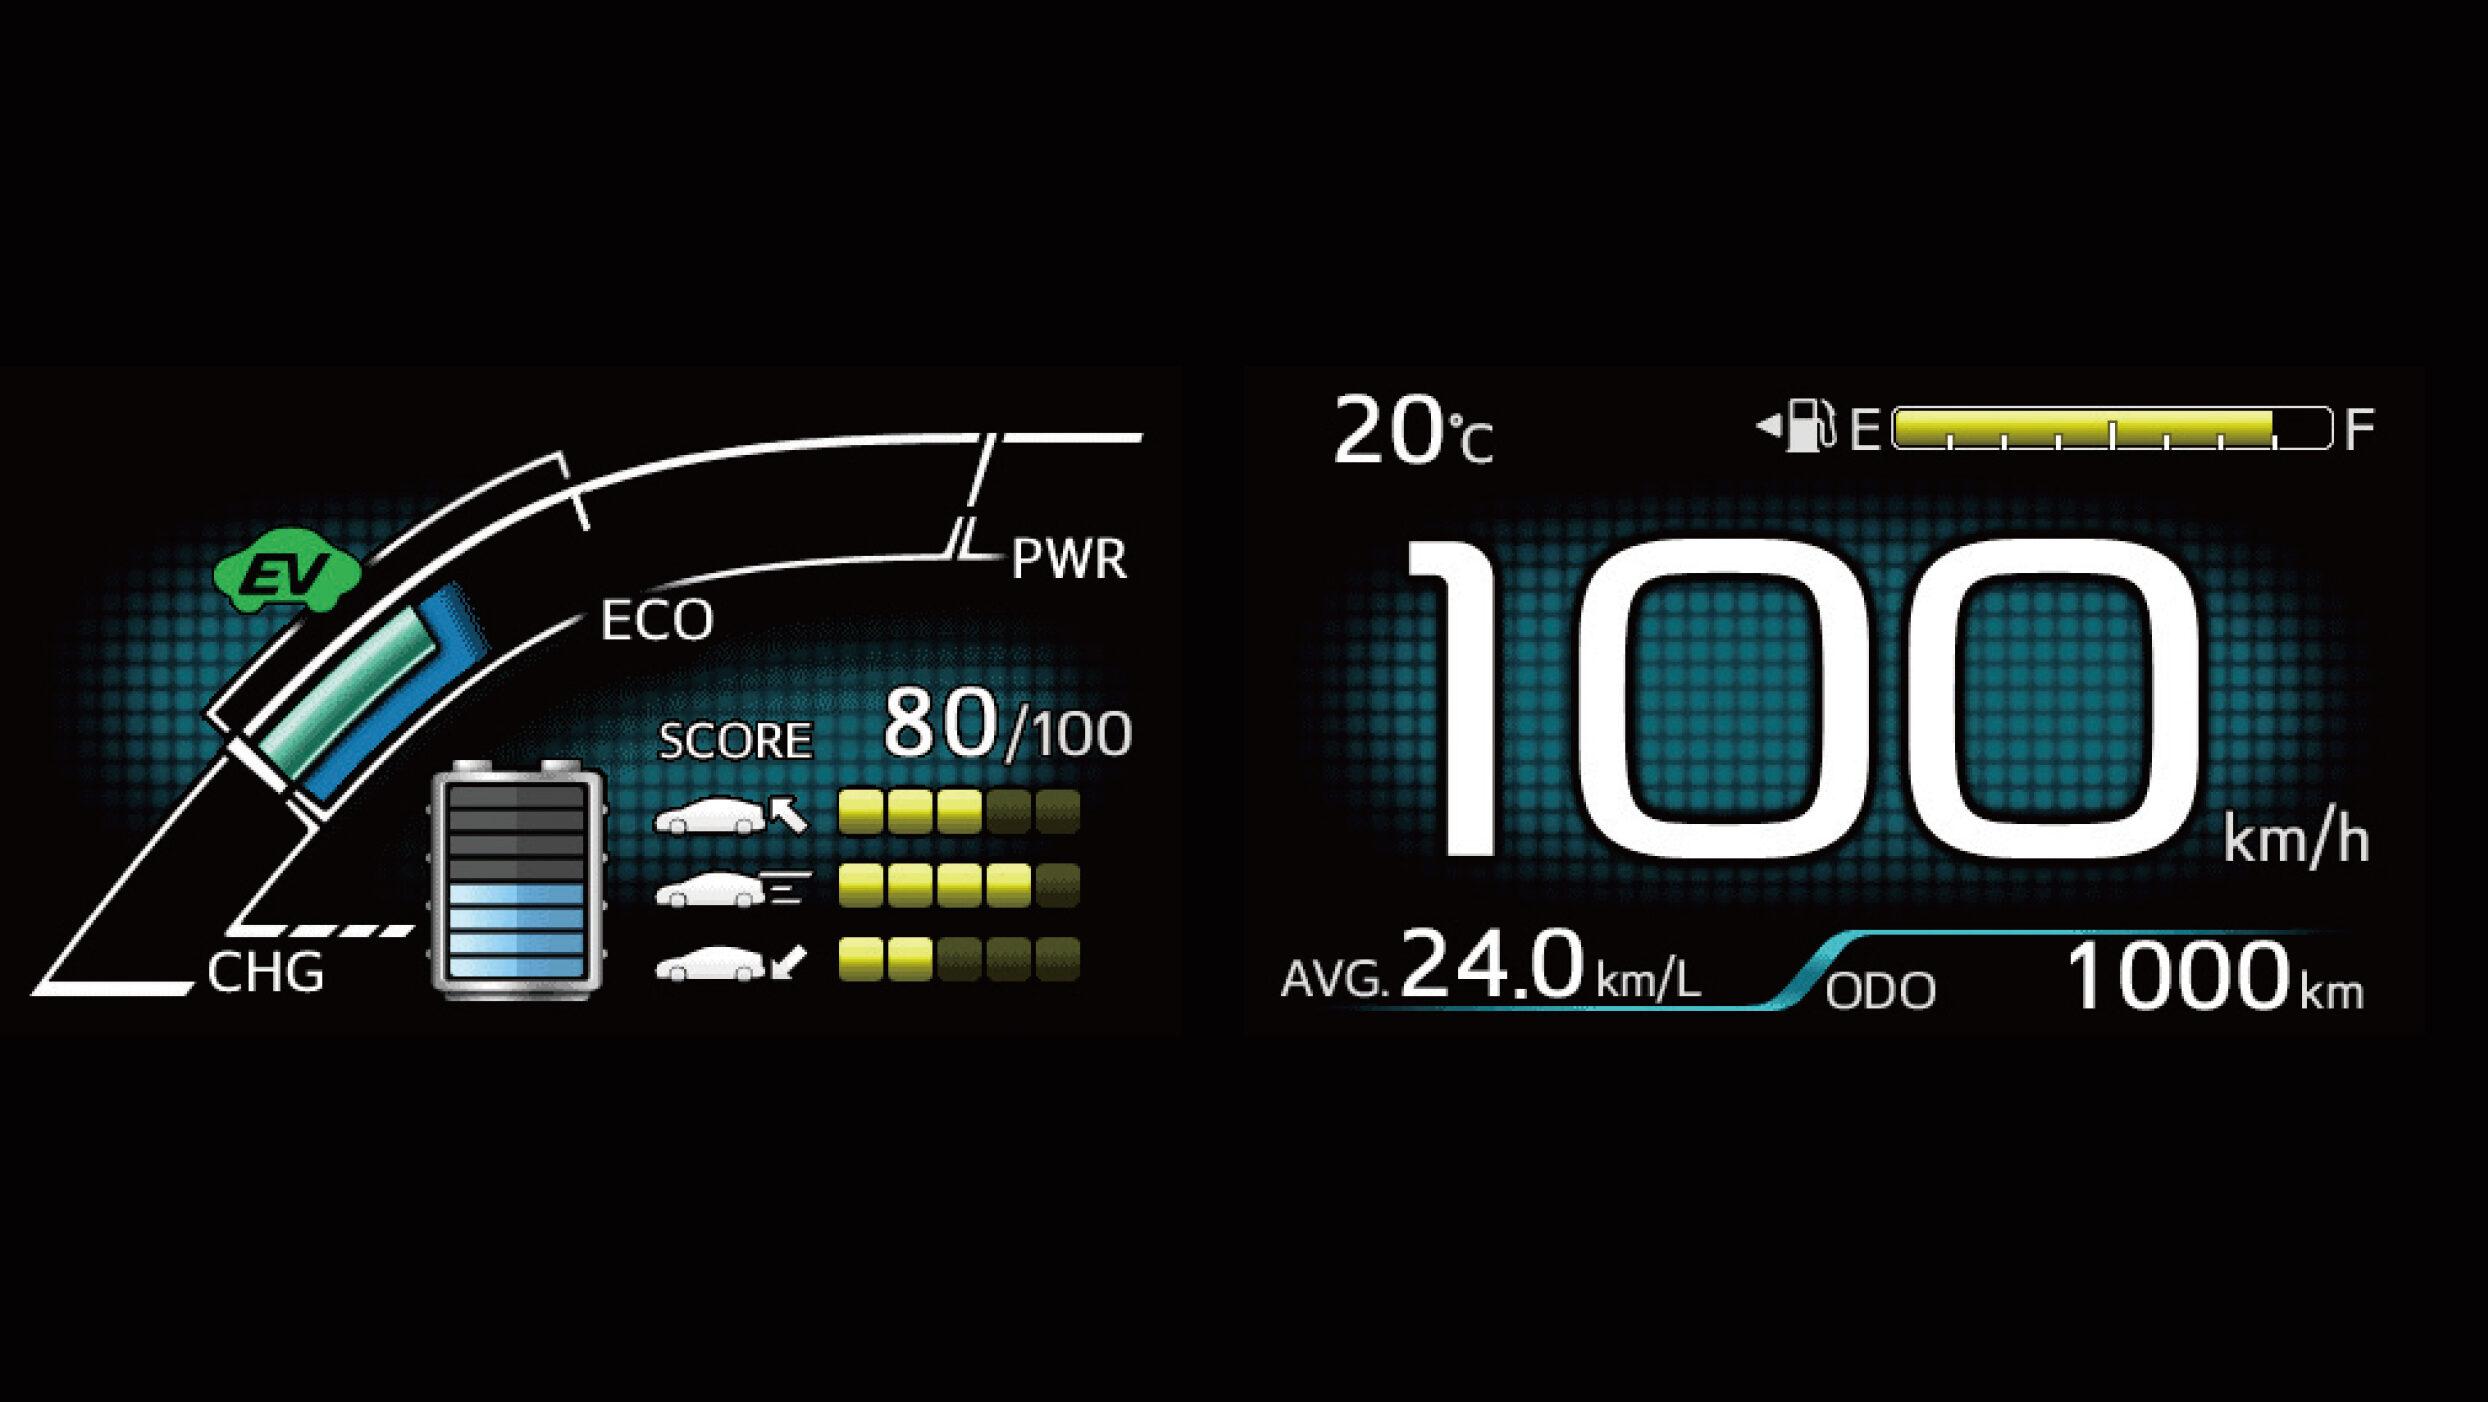 Prius Eco Score display